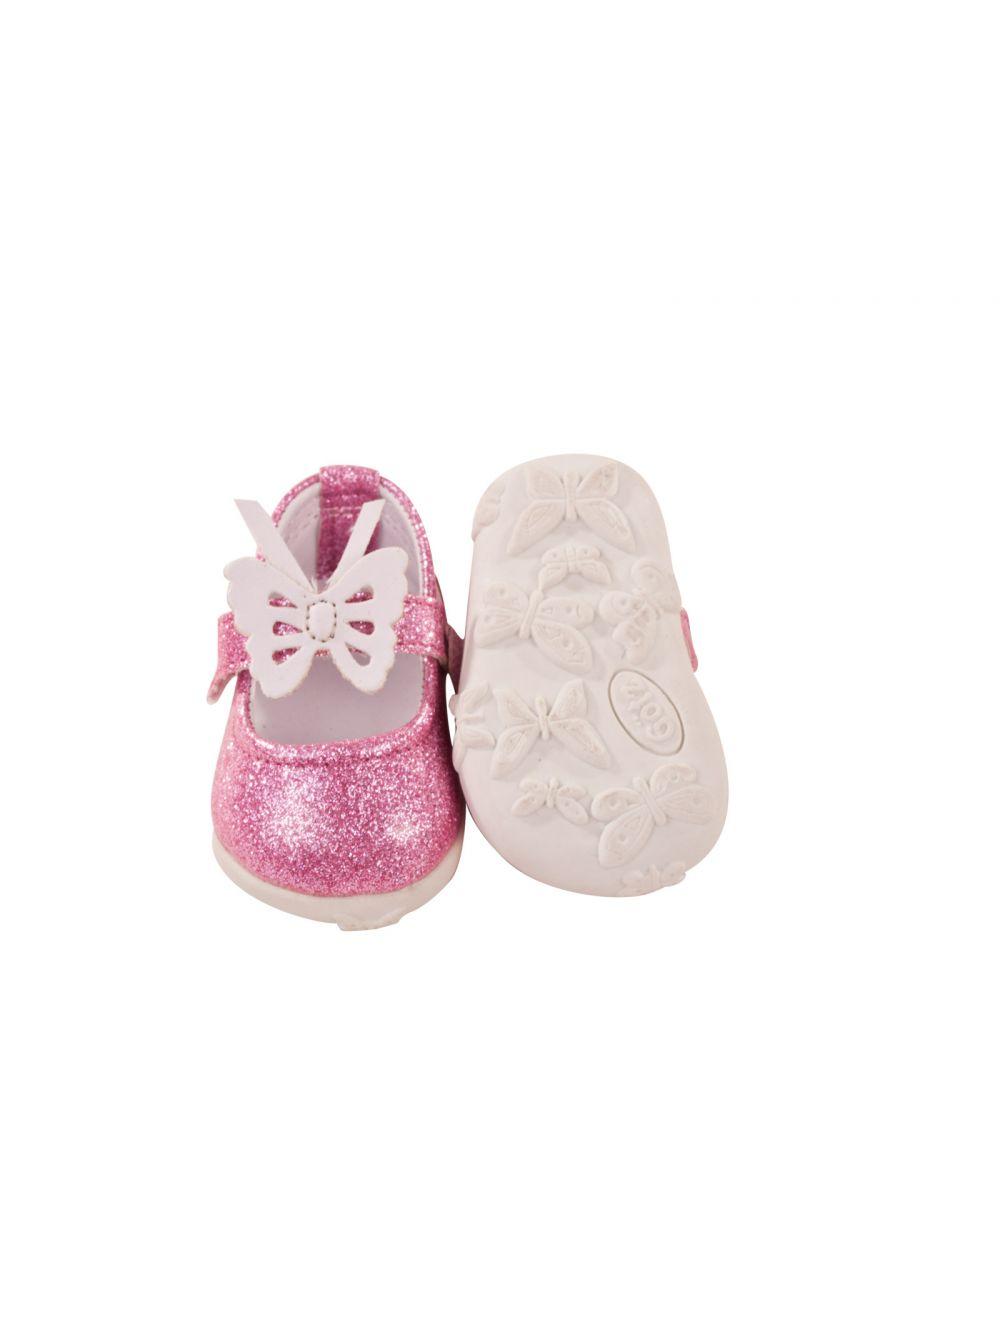 Sätendavad kingad 42-50 cm